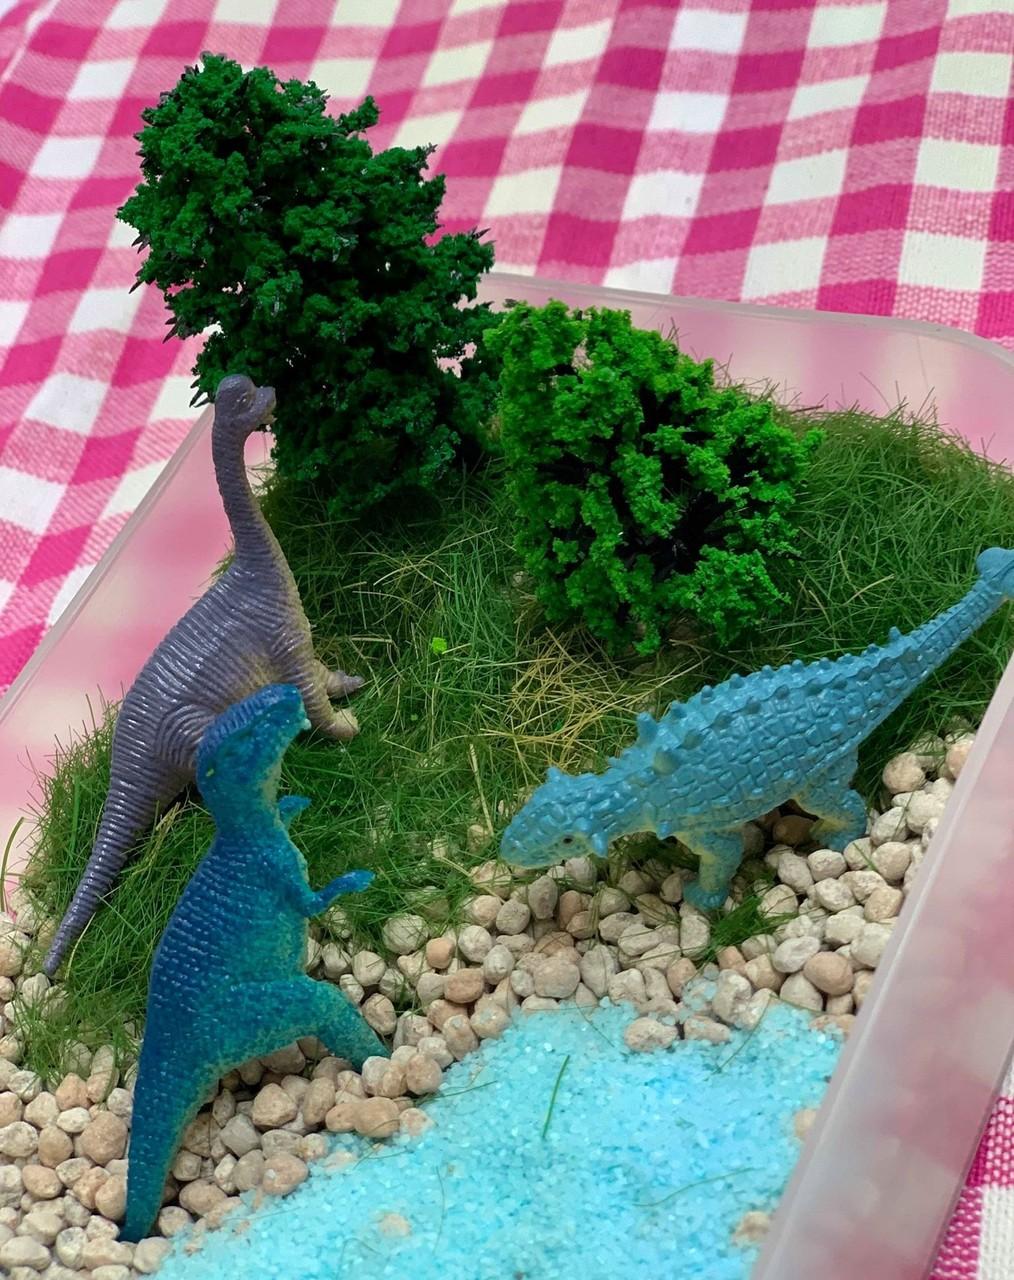 【川崎】きょうりゅうワークショップ-恐竜のジオラマ作り-2019年5月4日(土)